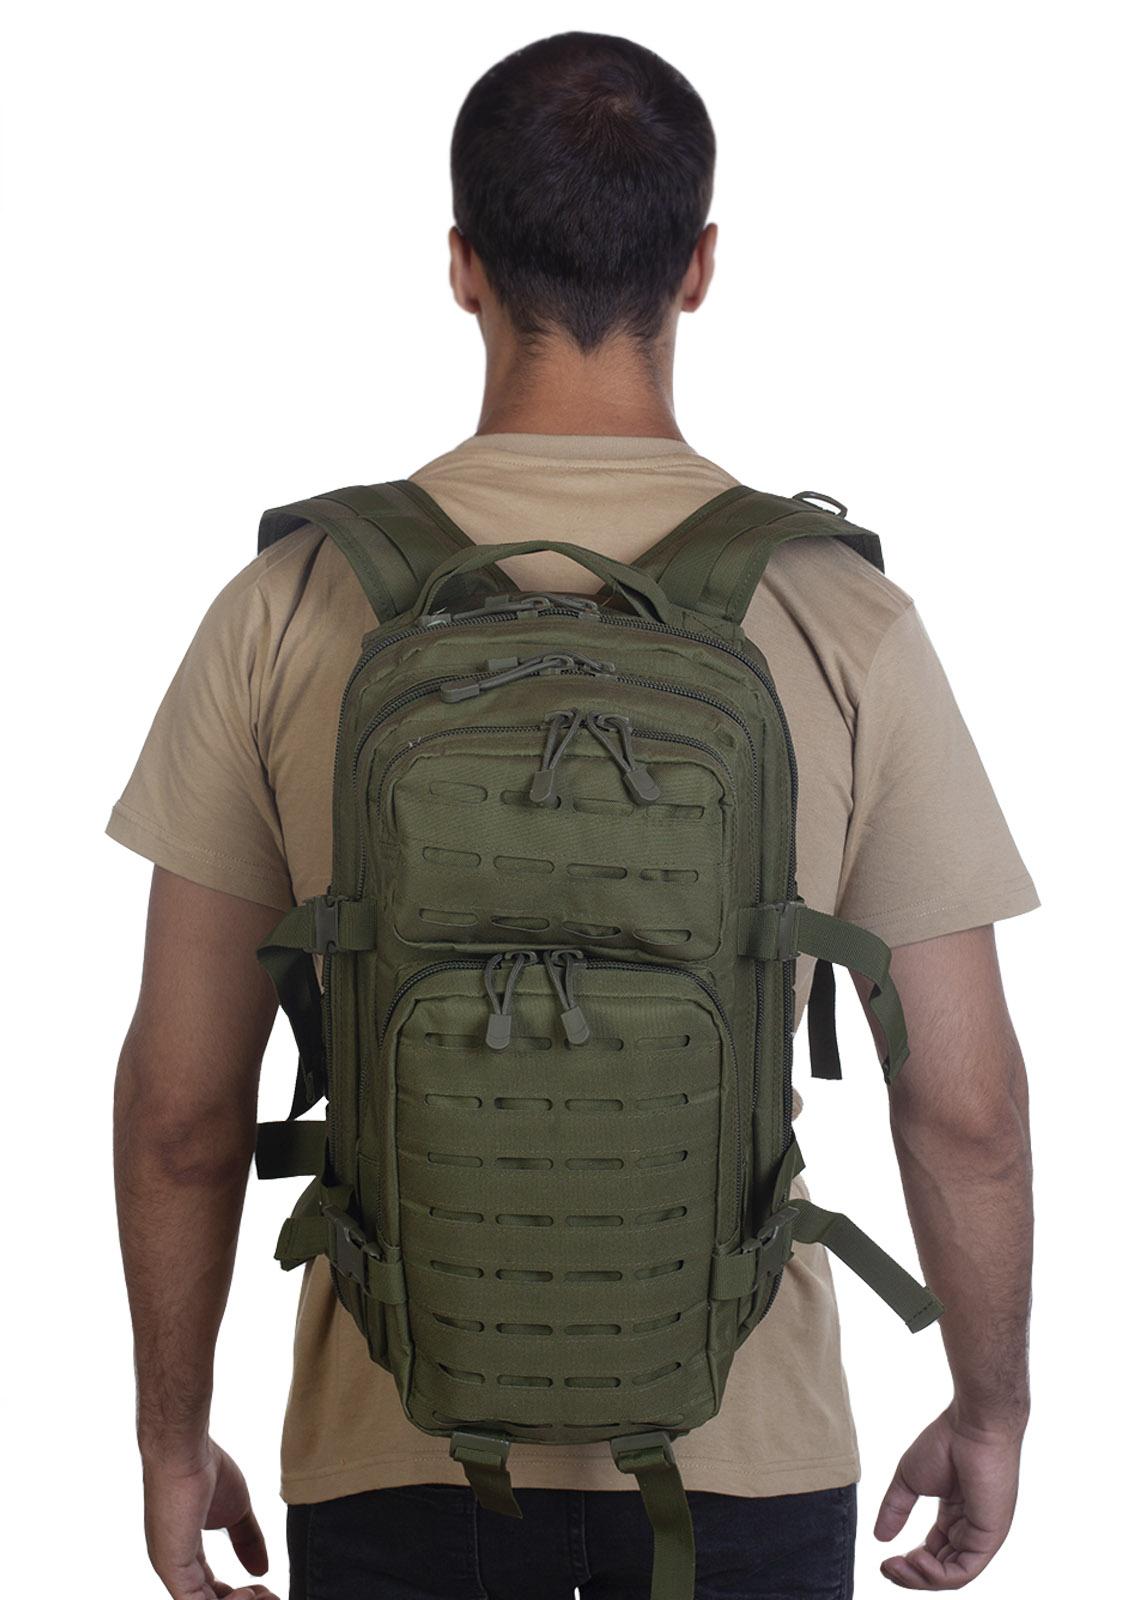 Малообъемный штурмовой рюкзак хаки-олива - в розницу и оптом